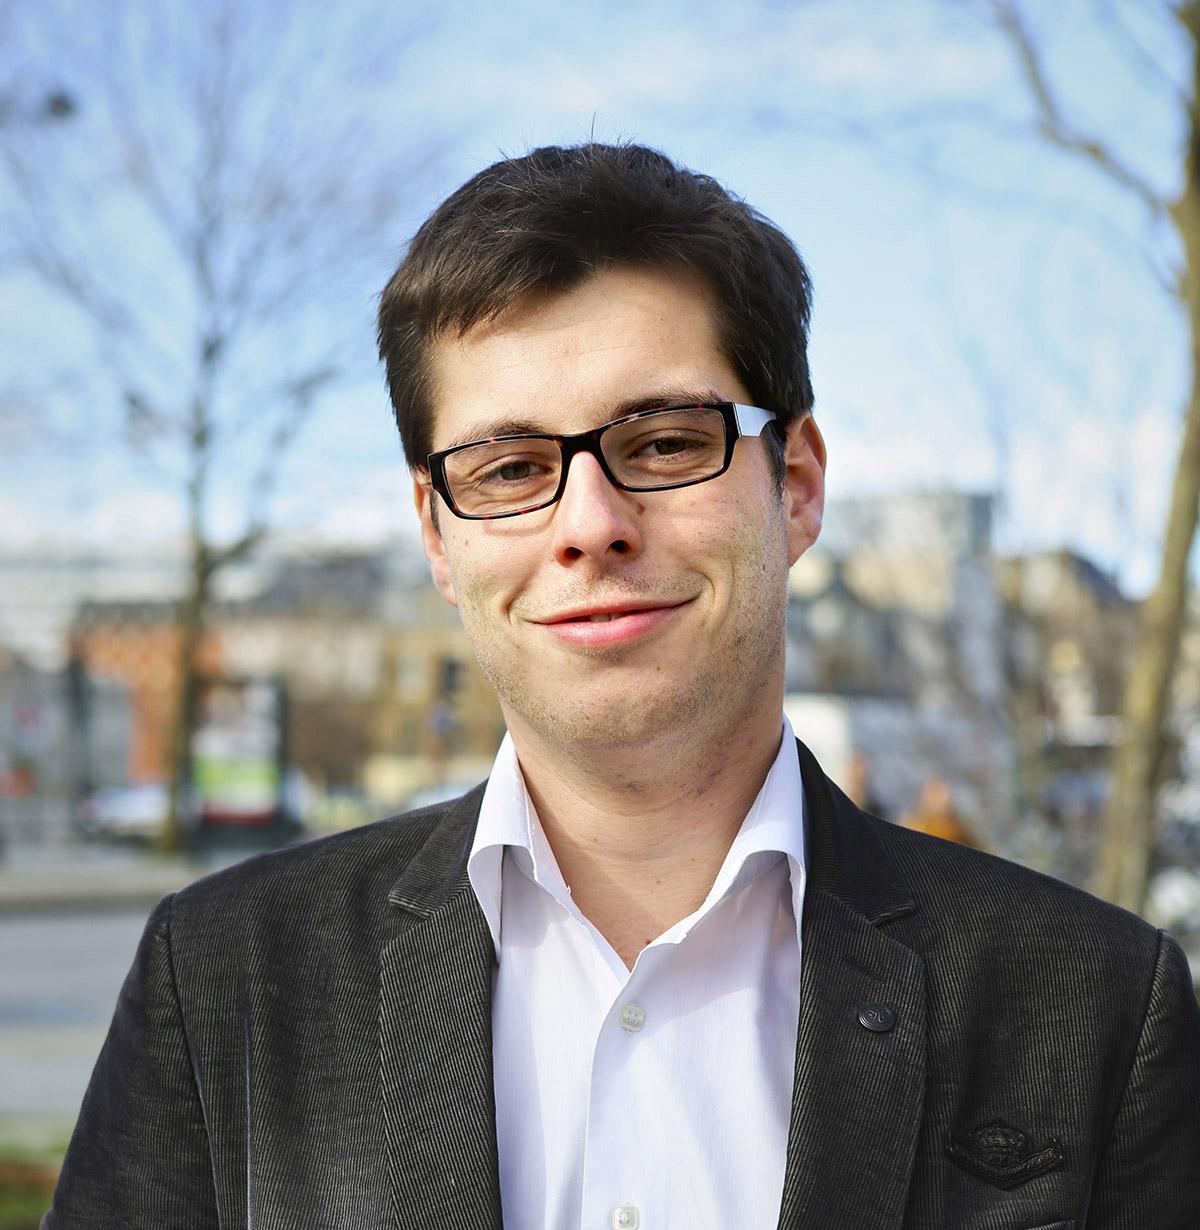 Benoît Pommier